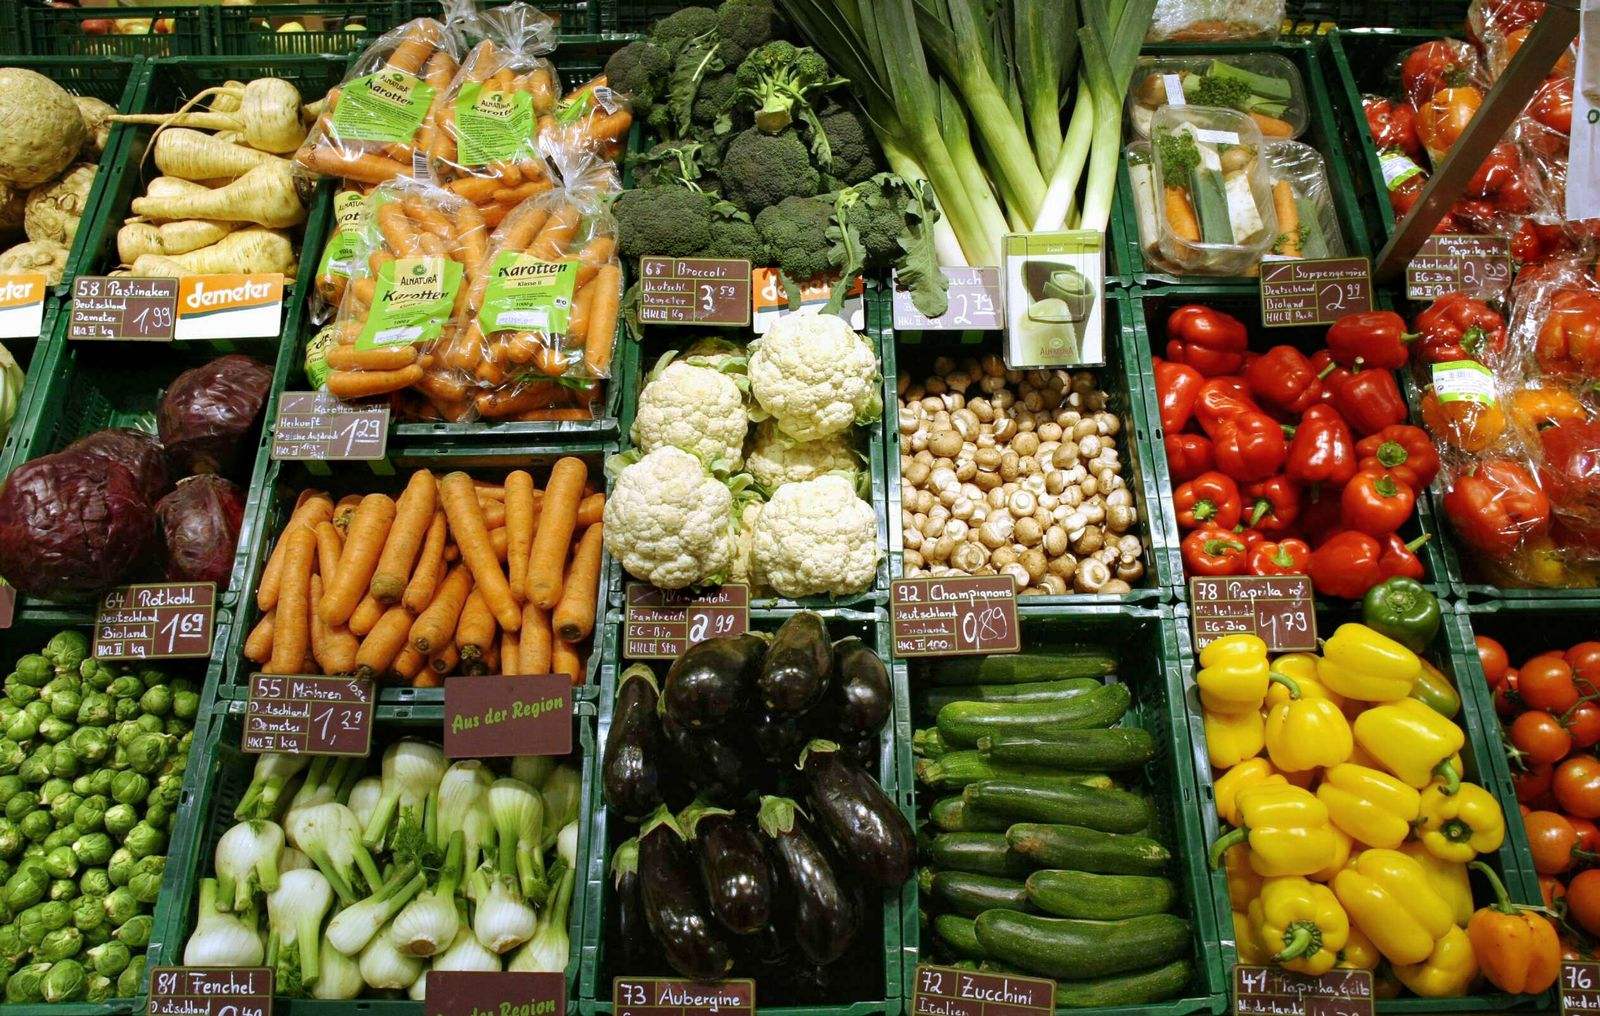 NICHT VERWENDEN Bio-Kette Alnatura / Bio-Gemüse